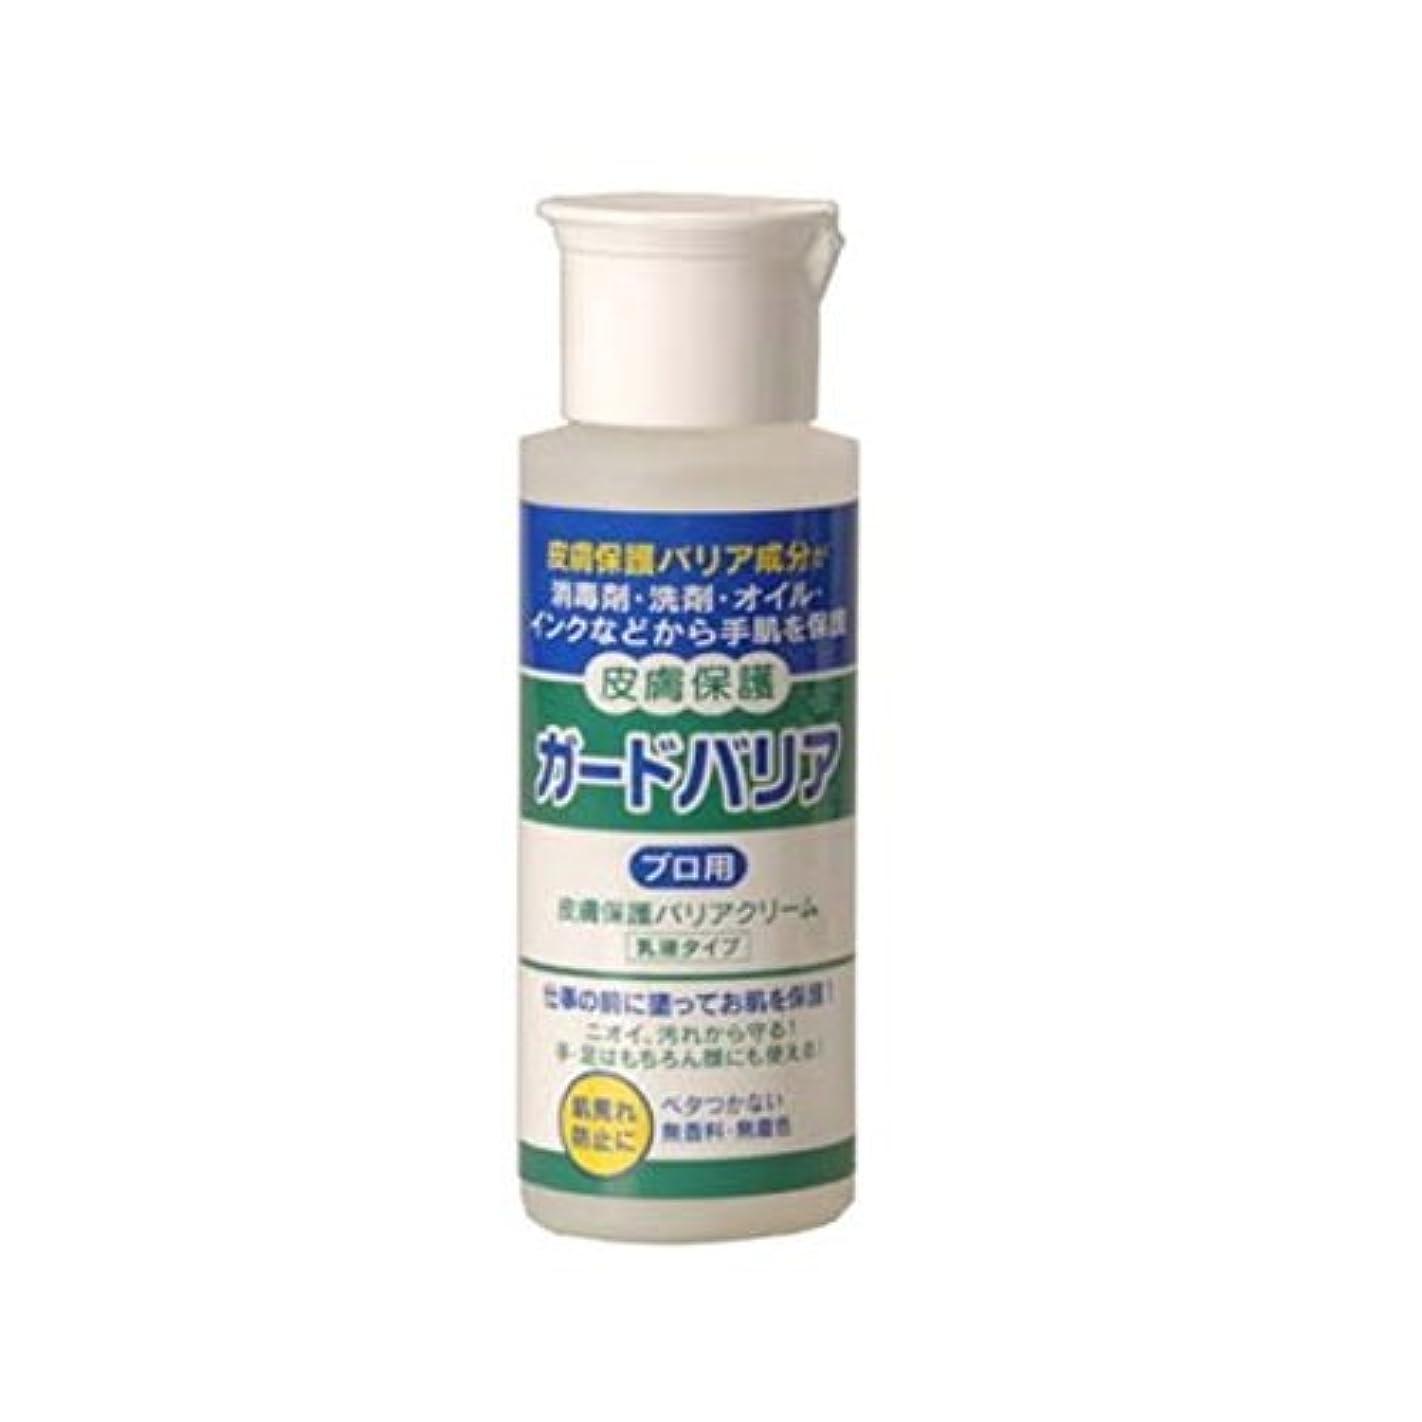 チャンバー激しいオプショナルガードバリア【皮膚保護バリアクリーム】プロ用?お試し用小瓶50ml